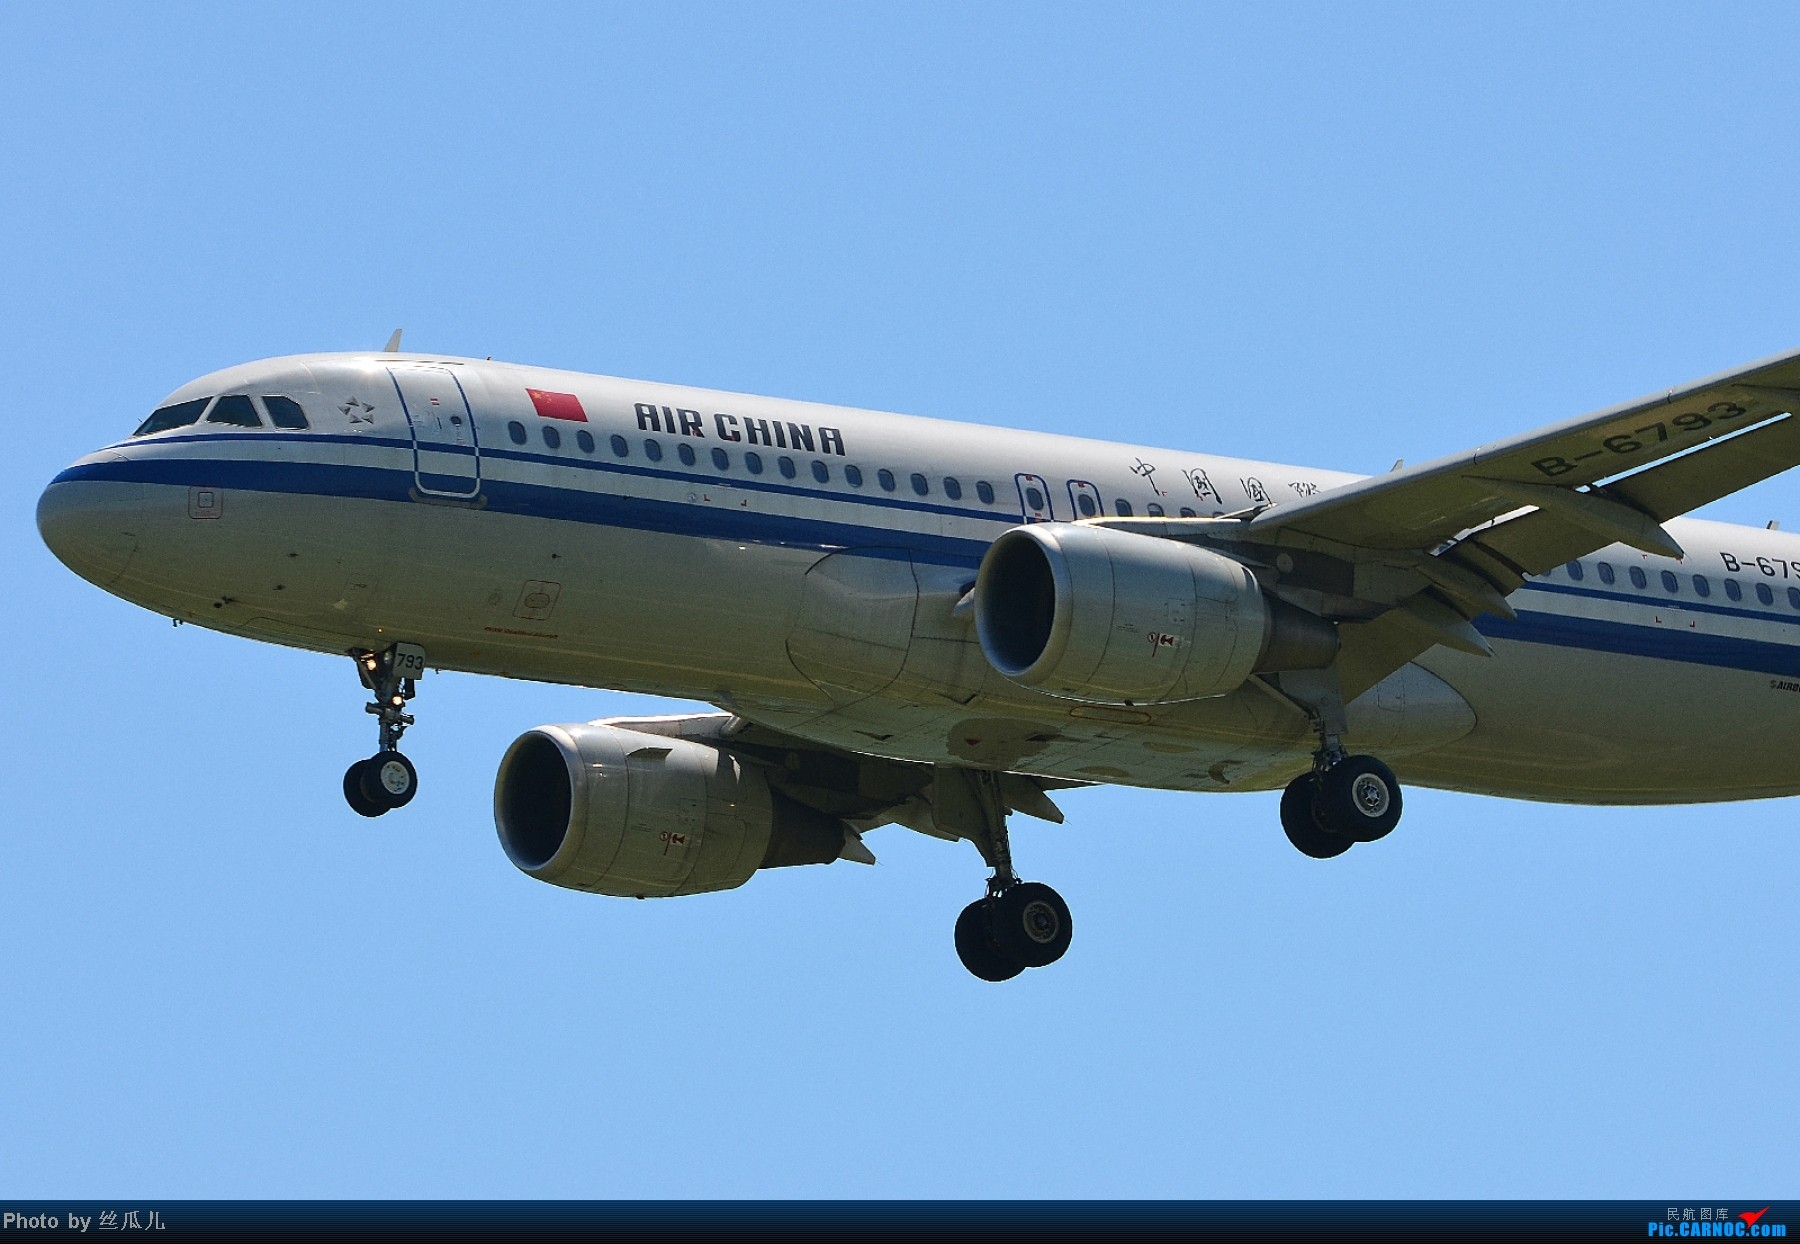 Re:[原创]长途奔袭鸟窝所得,HGH-PEK-HGH,鸟窝上空在我登基前的最后时刻云开雾散,感谢国家!感谢首都!感谢飞友网!感谢新华网!够长吗?不够就继续感谢下去 AIRBUS A320-200 B-6793 中国北京首都机场